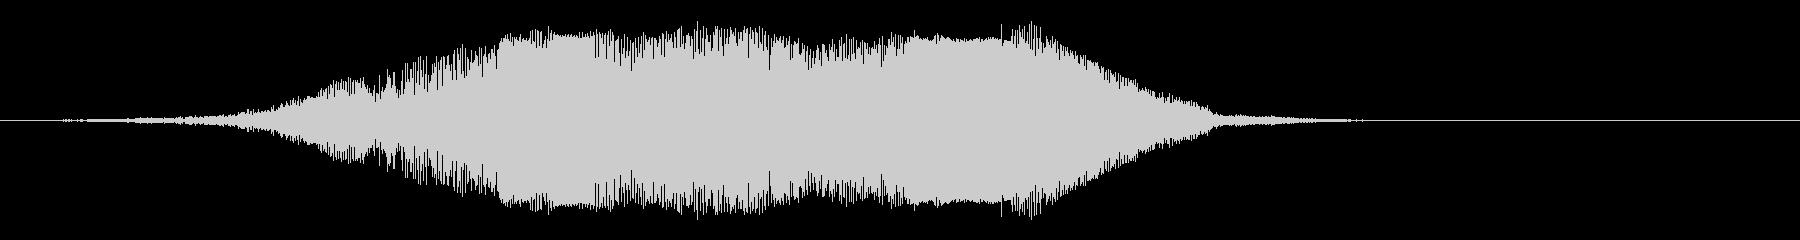 ナスカーレーシング; (3台)、R...の未再生の波形